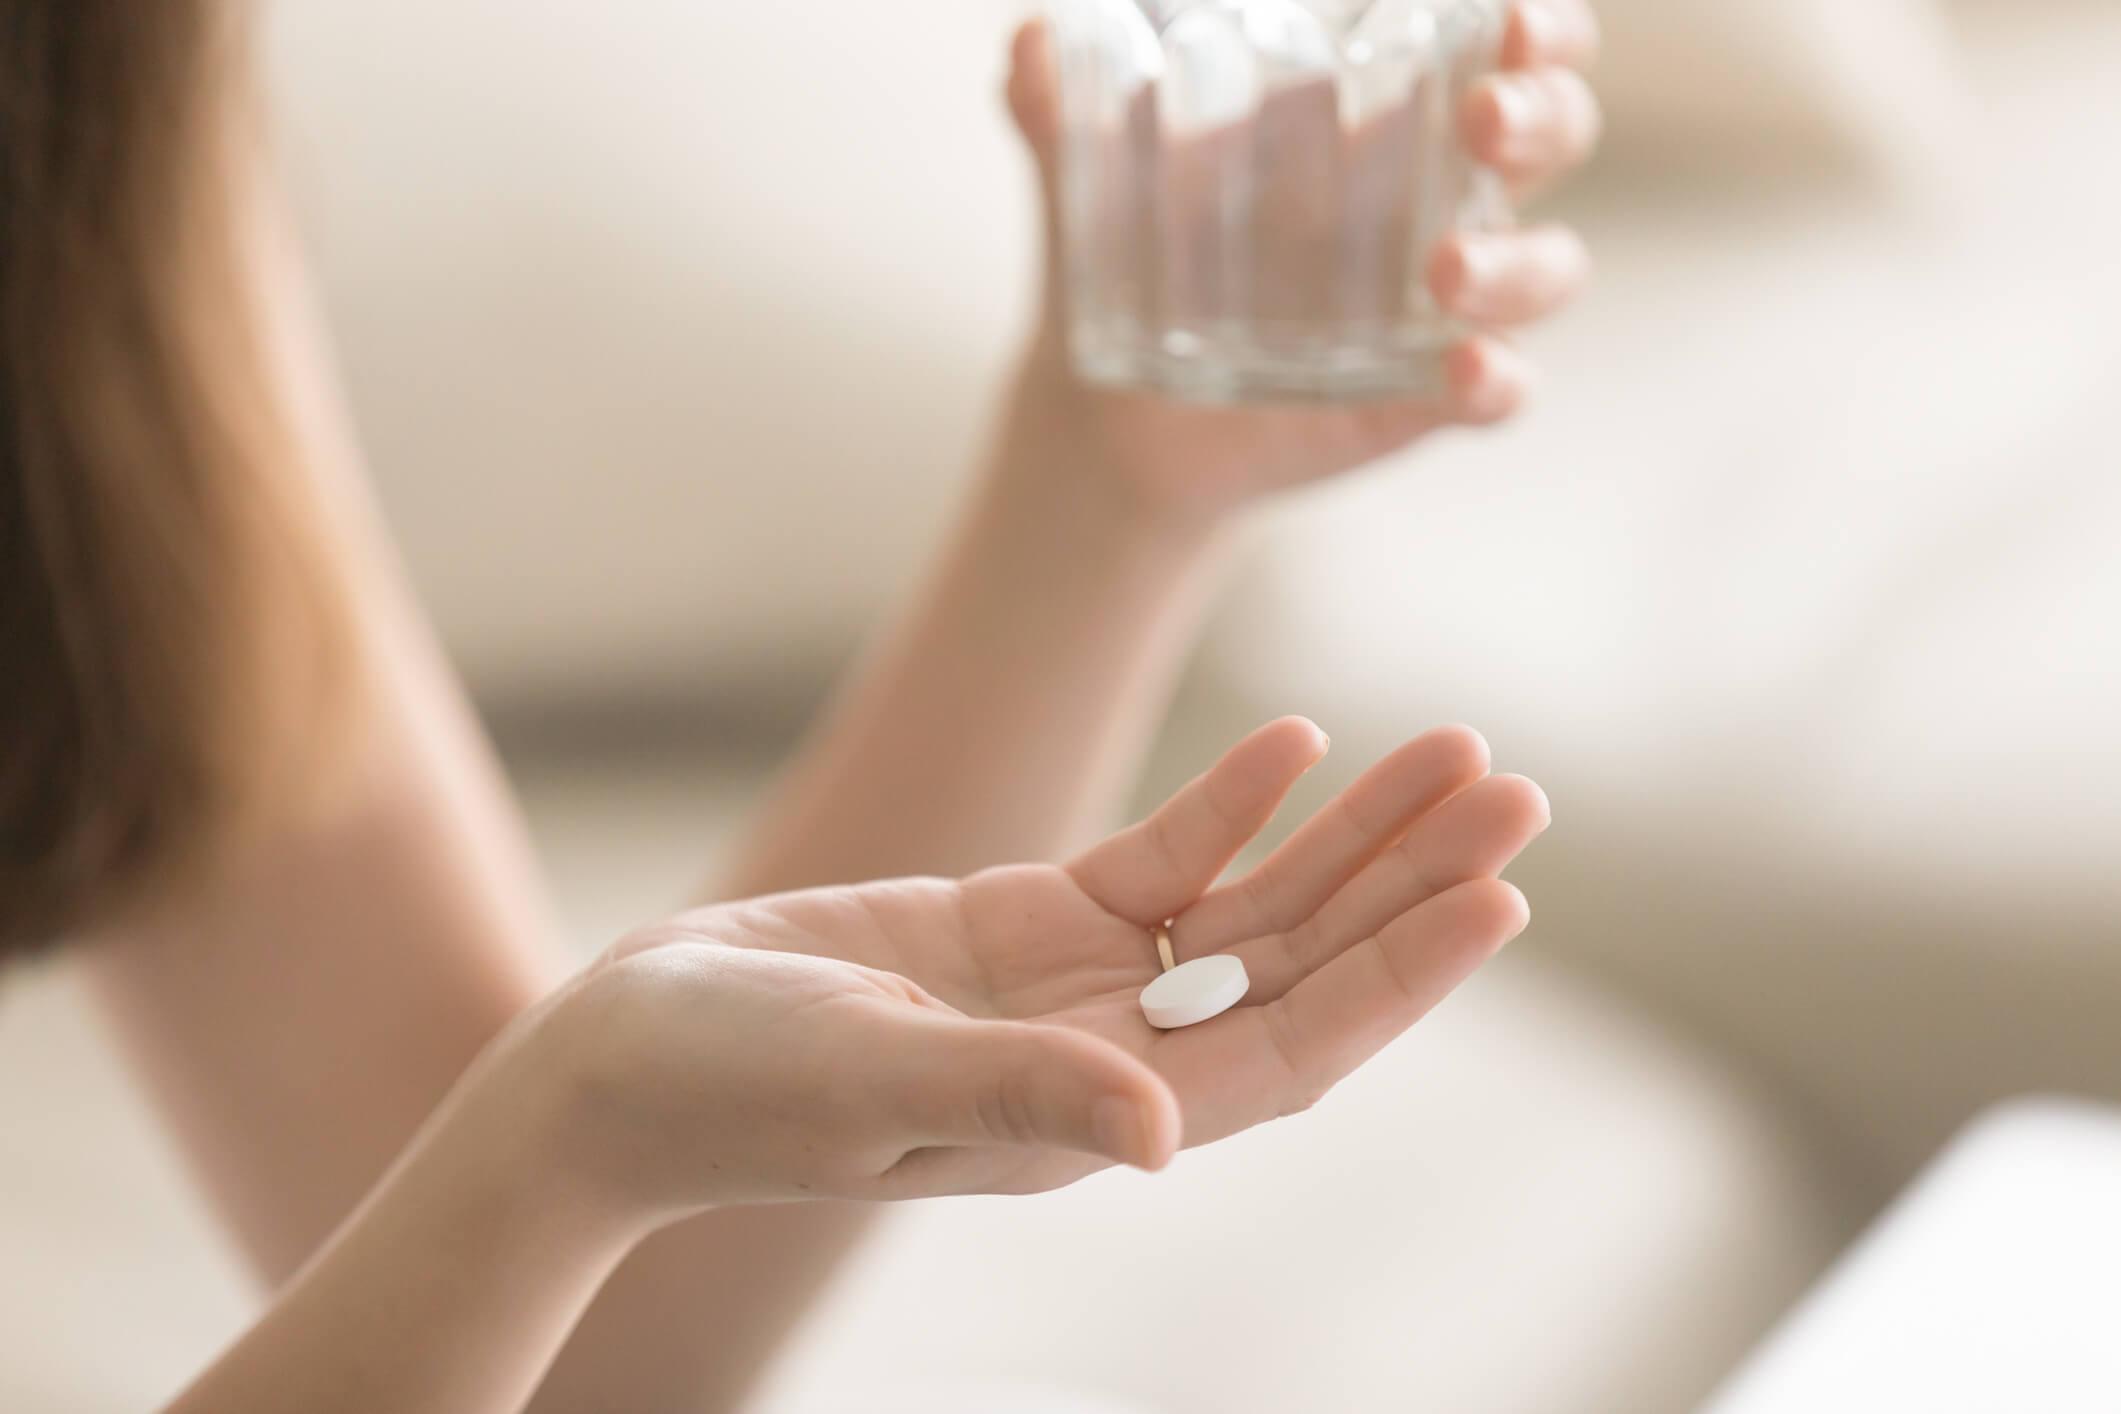 Frau hält Wasserglas in der einen und Tablette in der anderen Hand.